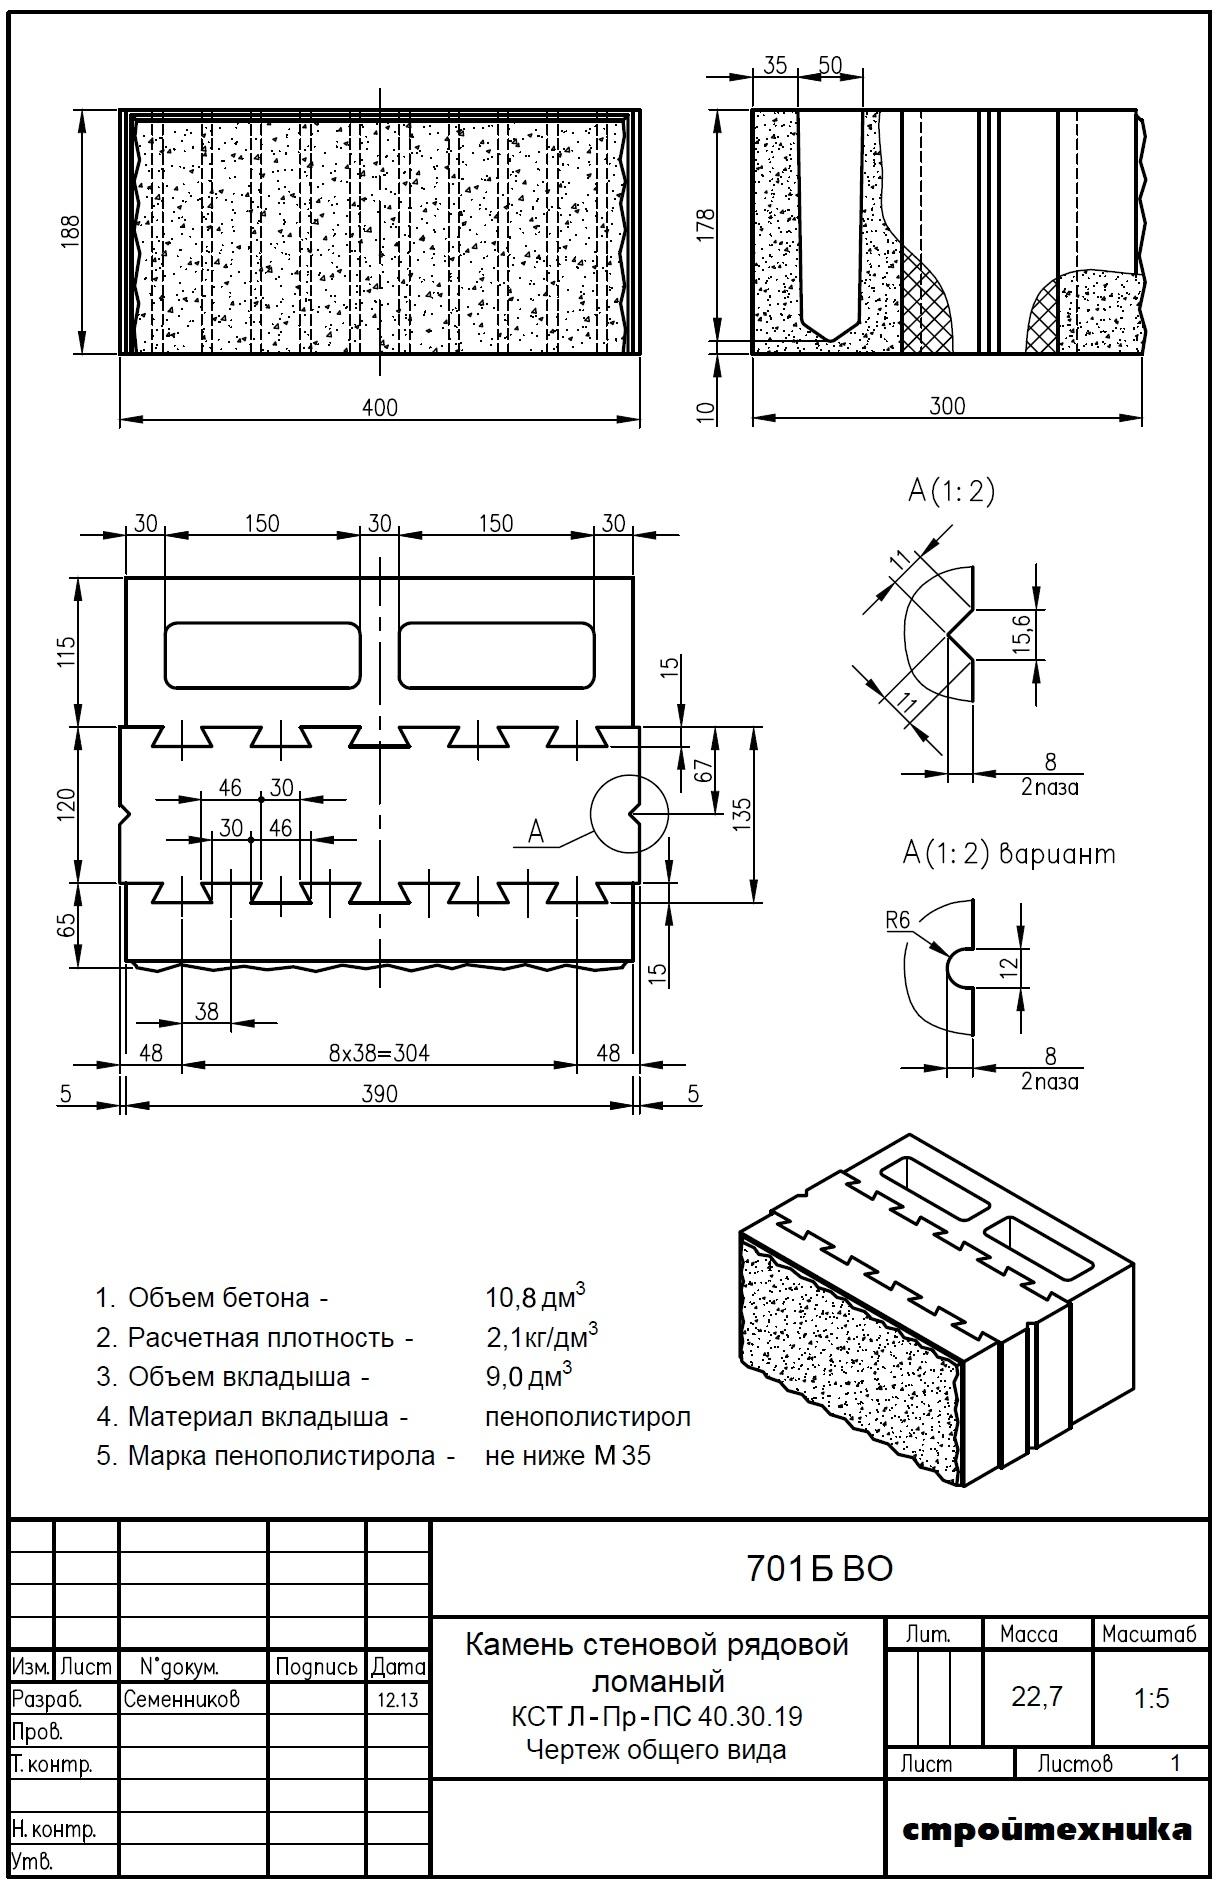 Дома из теплоблоков - проекты, цены, плюсы и минусы 34